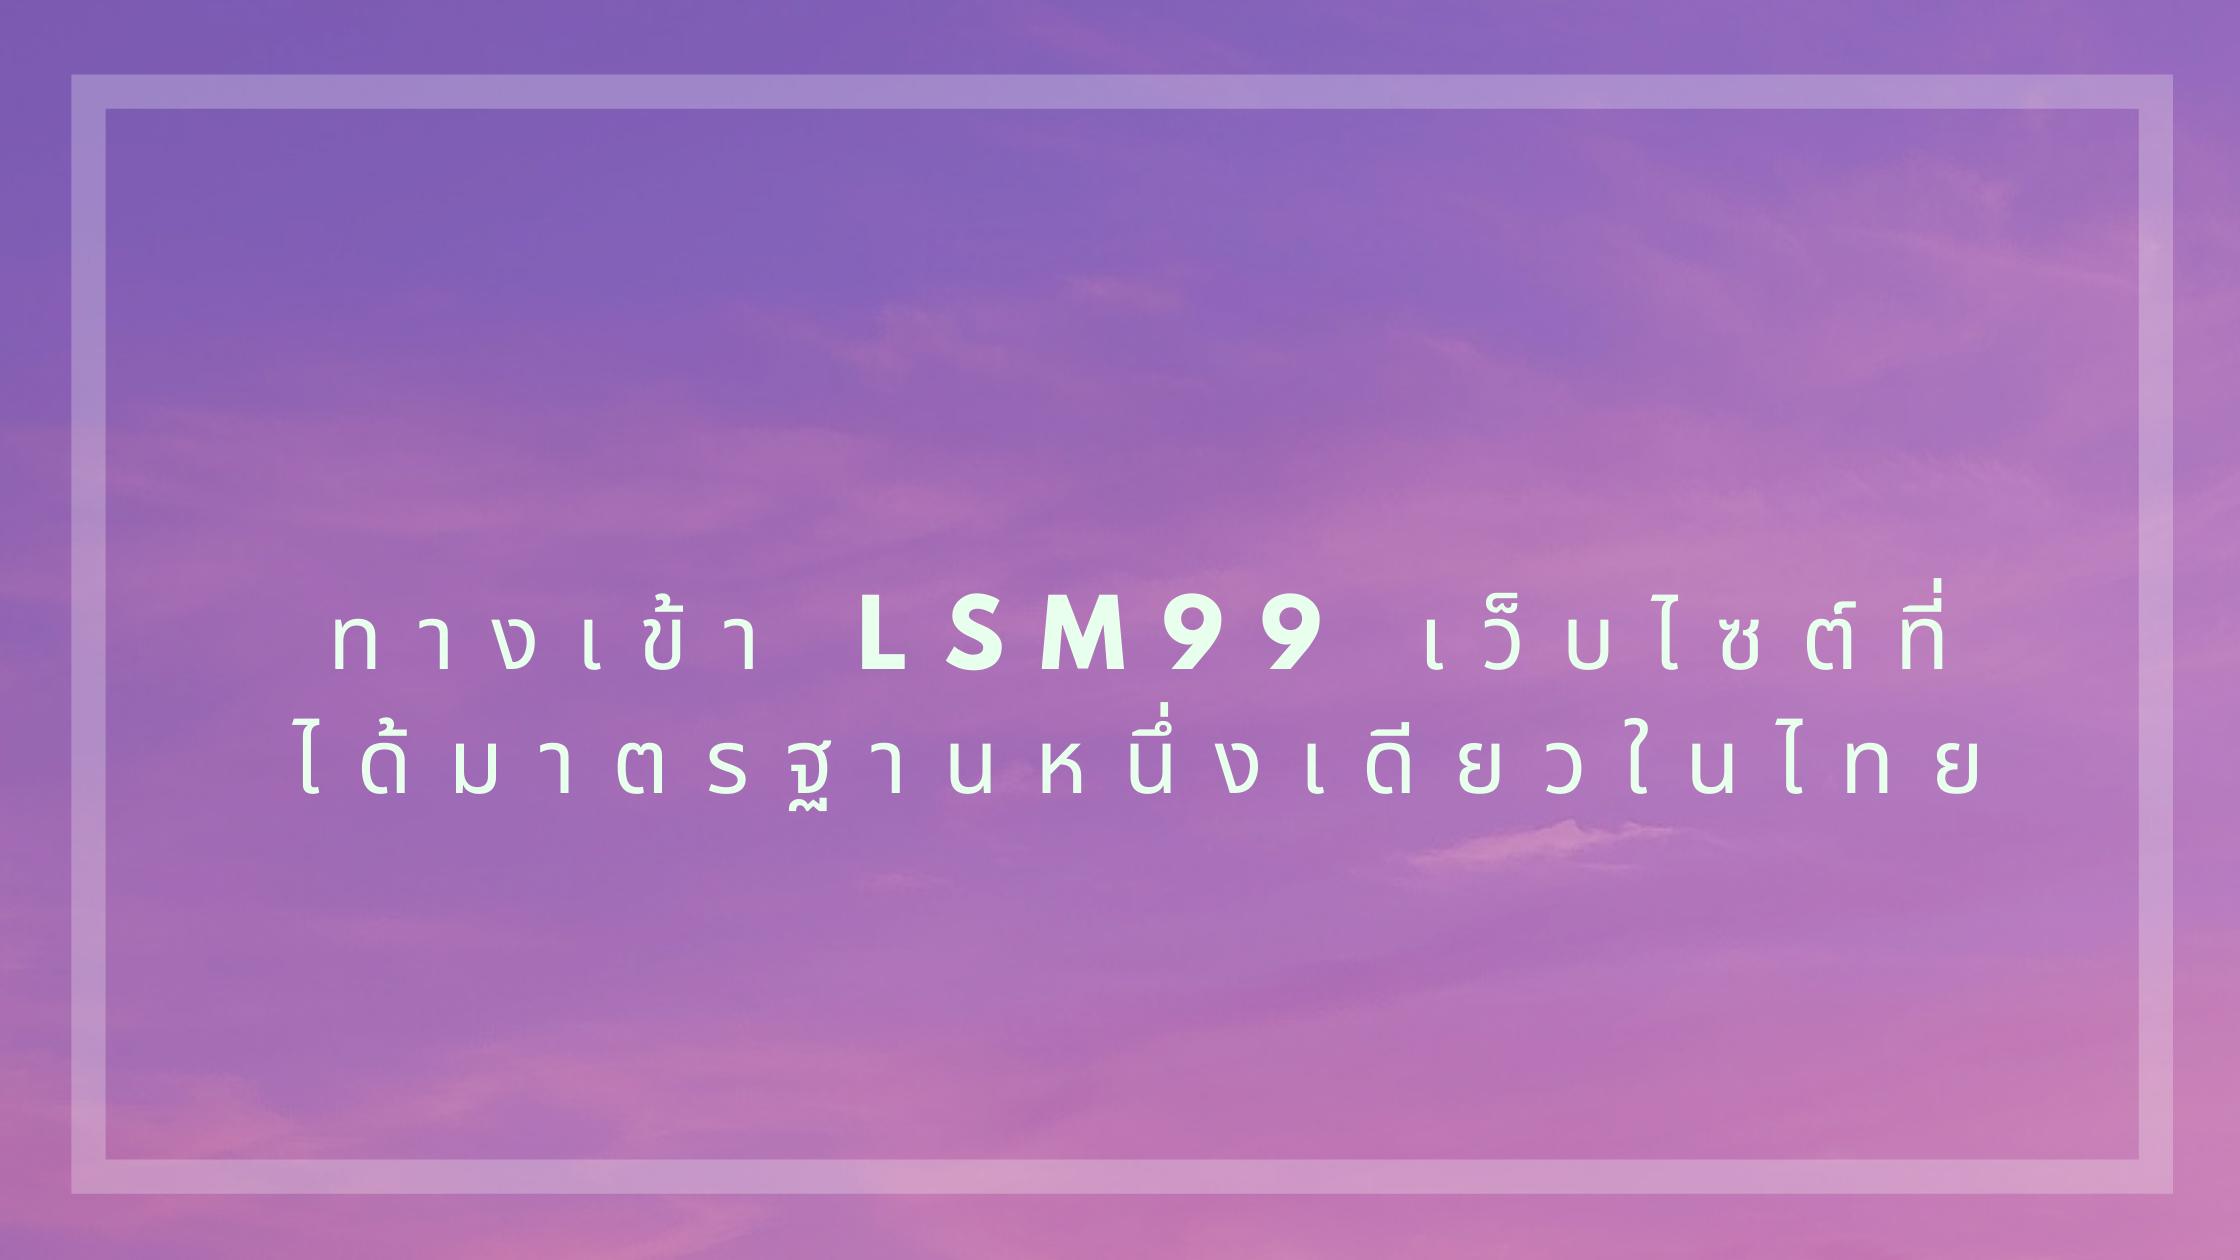 ทางเข้า lsm99 เว็บไซต์ที่ได้มาตรฐานหนึ่งเดียวในไทย